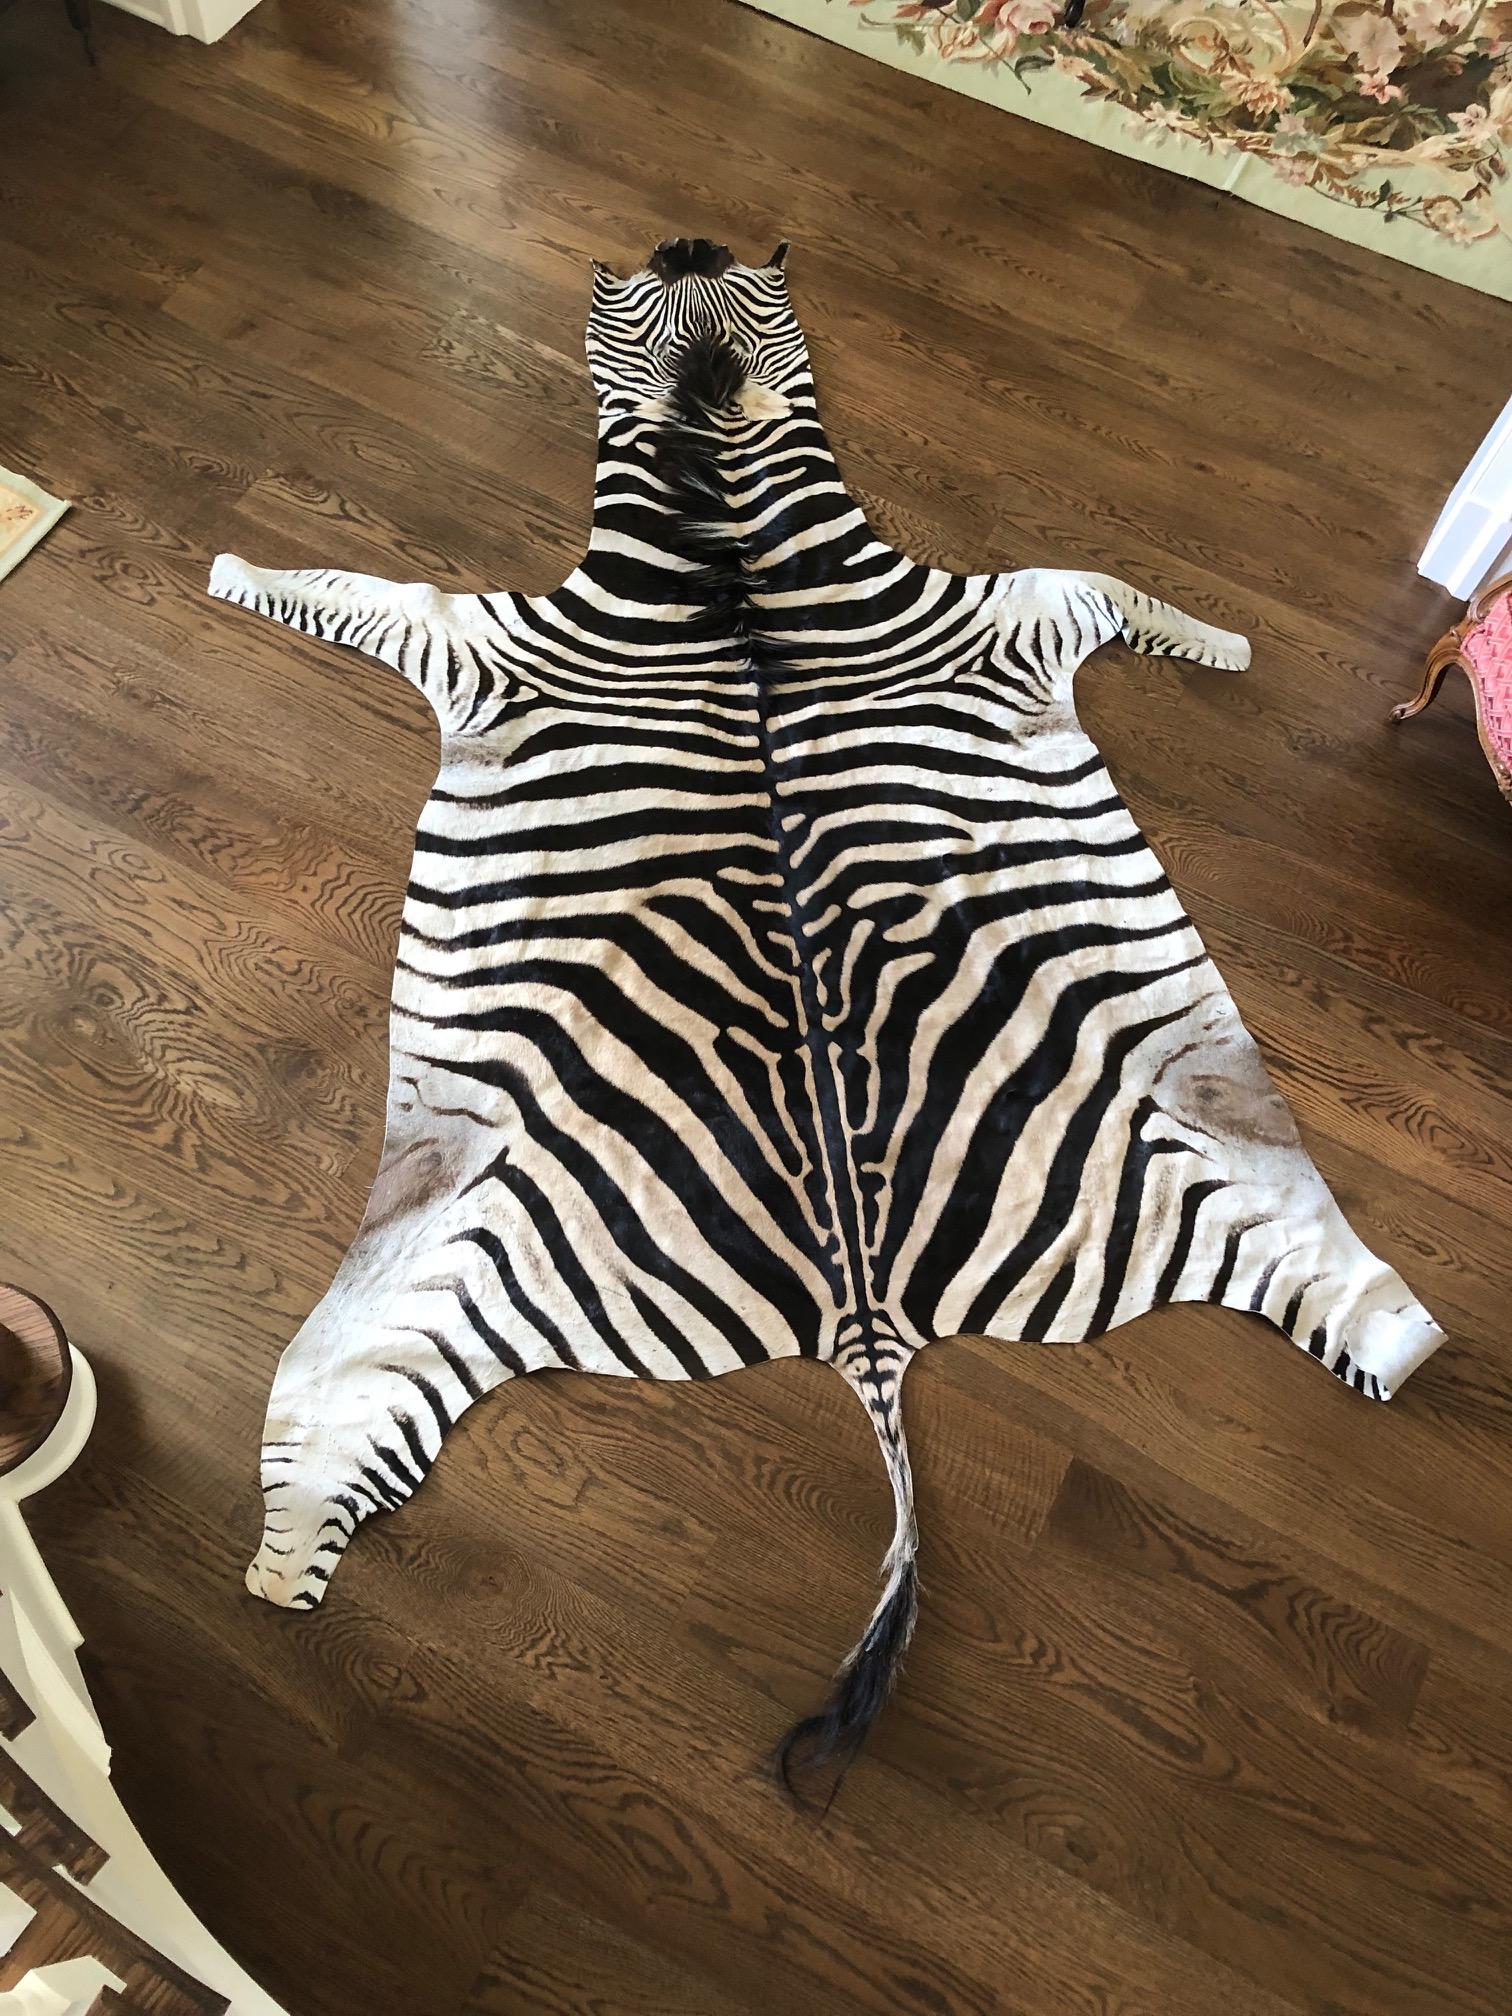 Zebra flatskin July 26 2019.jpg